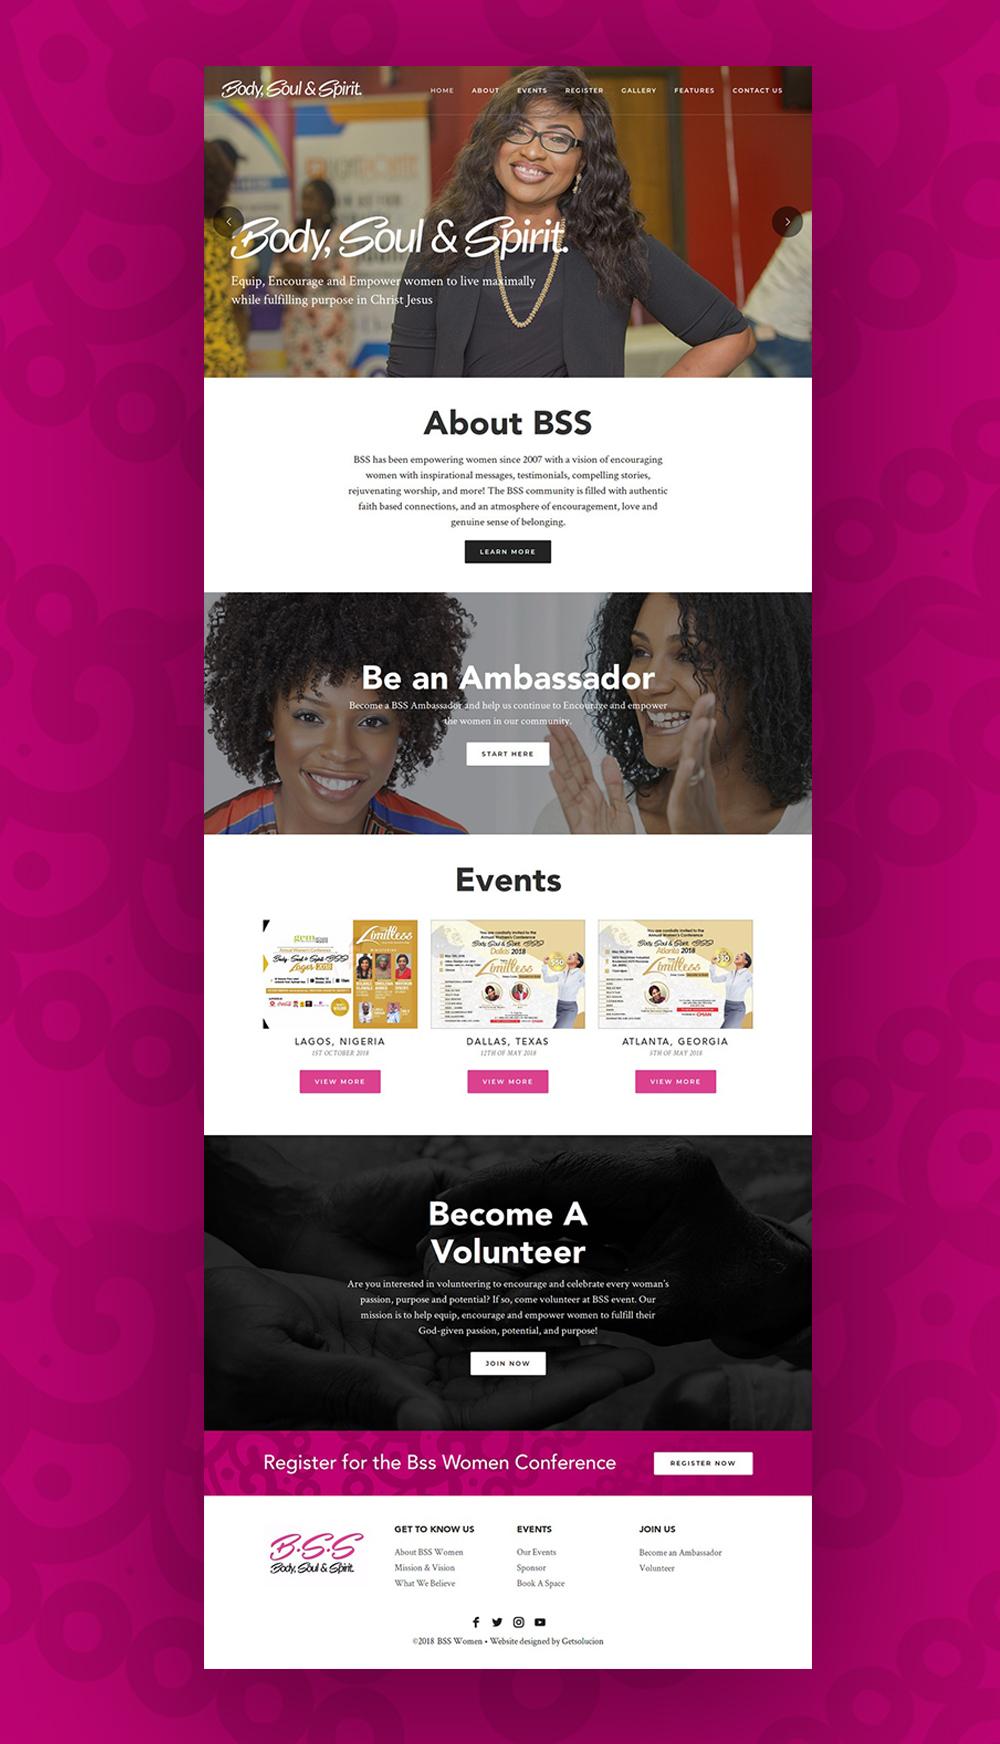 BSS Women